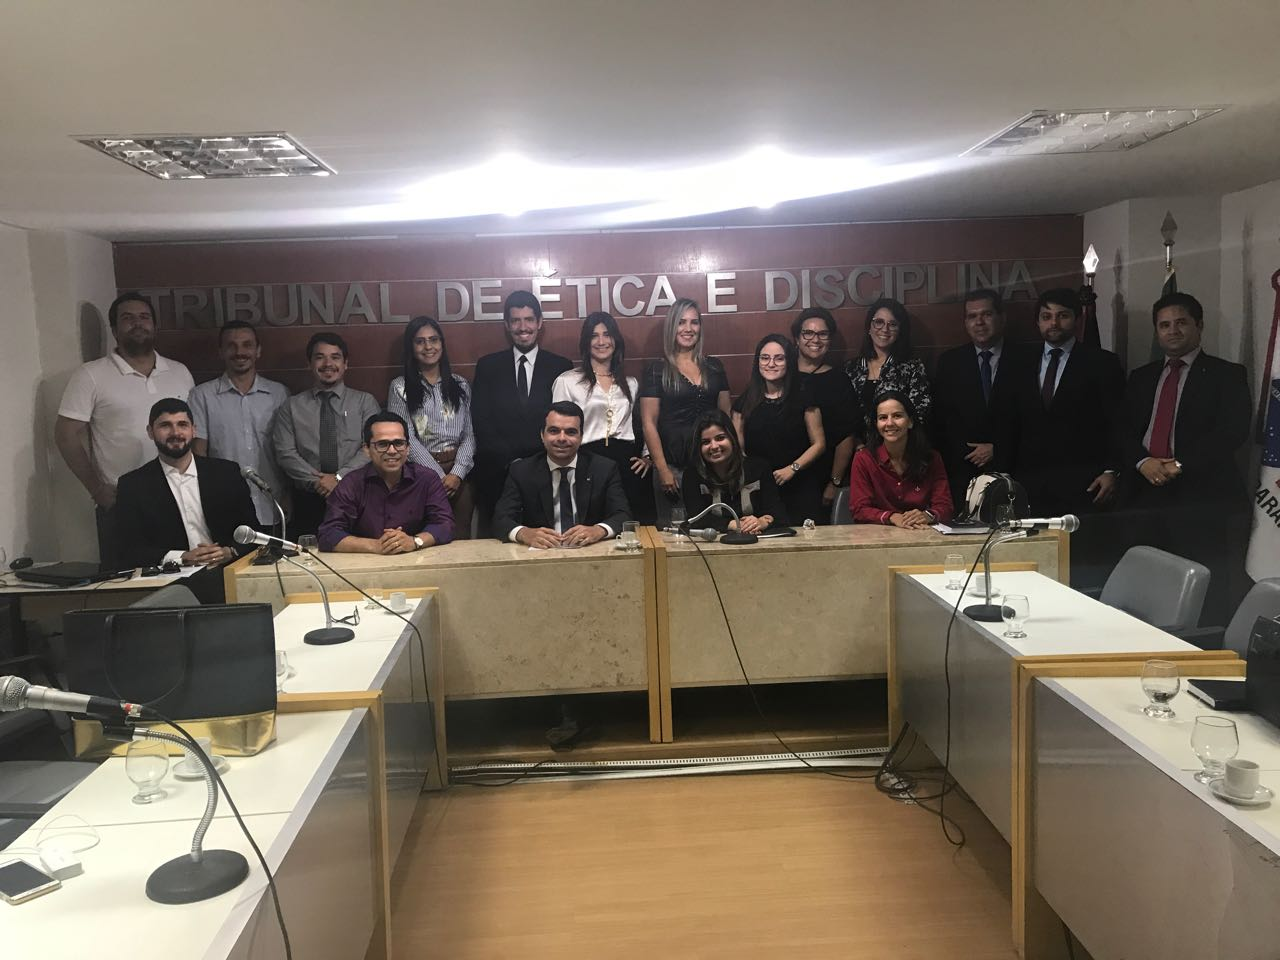 OAB-PB iniciará projeto Prerrogativas nas Universidades no segundo semestre de 2018